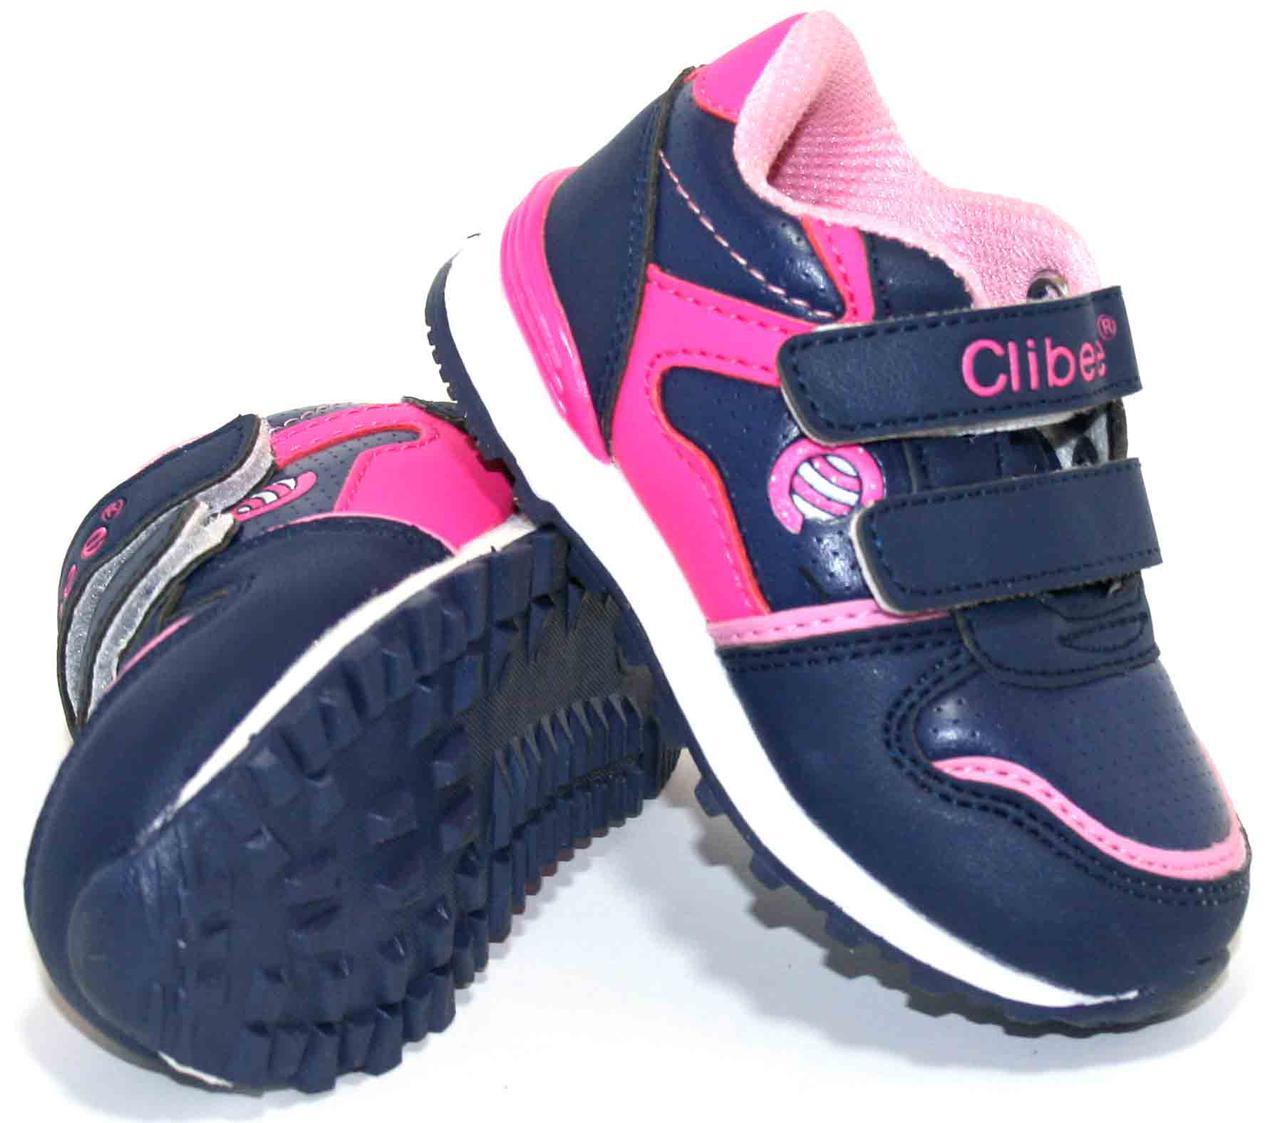 Детские кроссовки для девочки Clibee Польша размеры 22-27